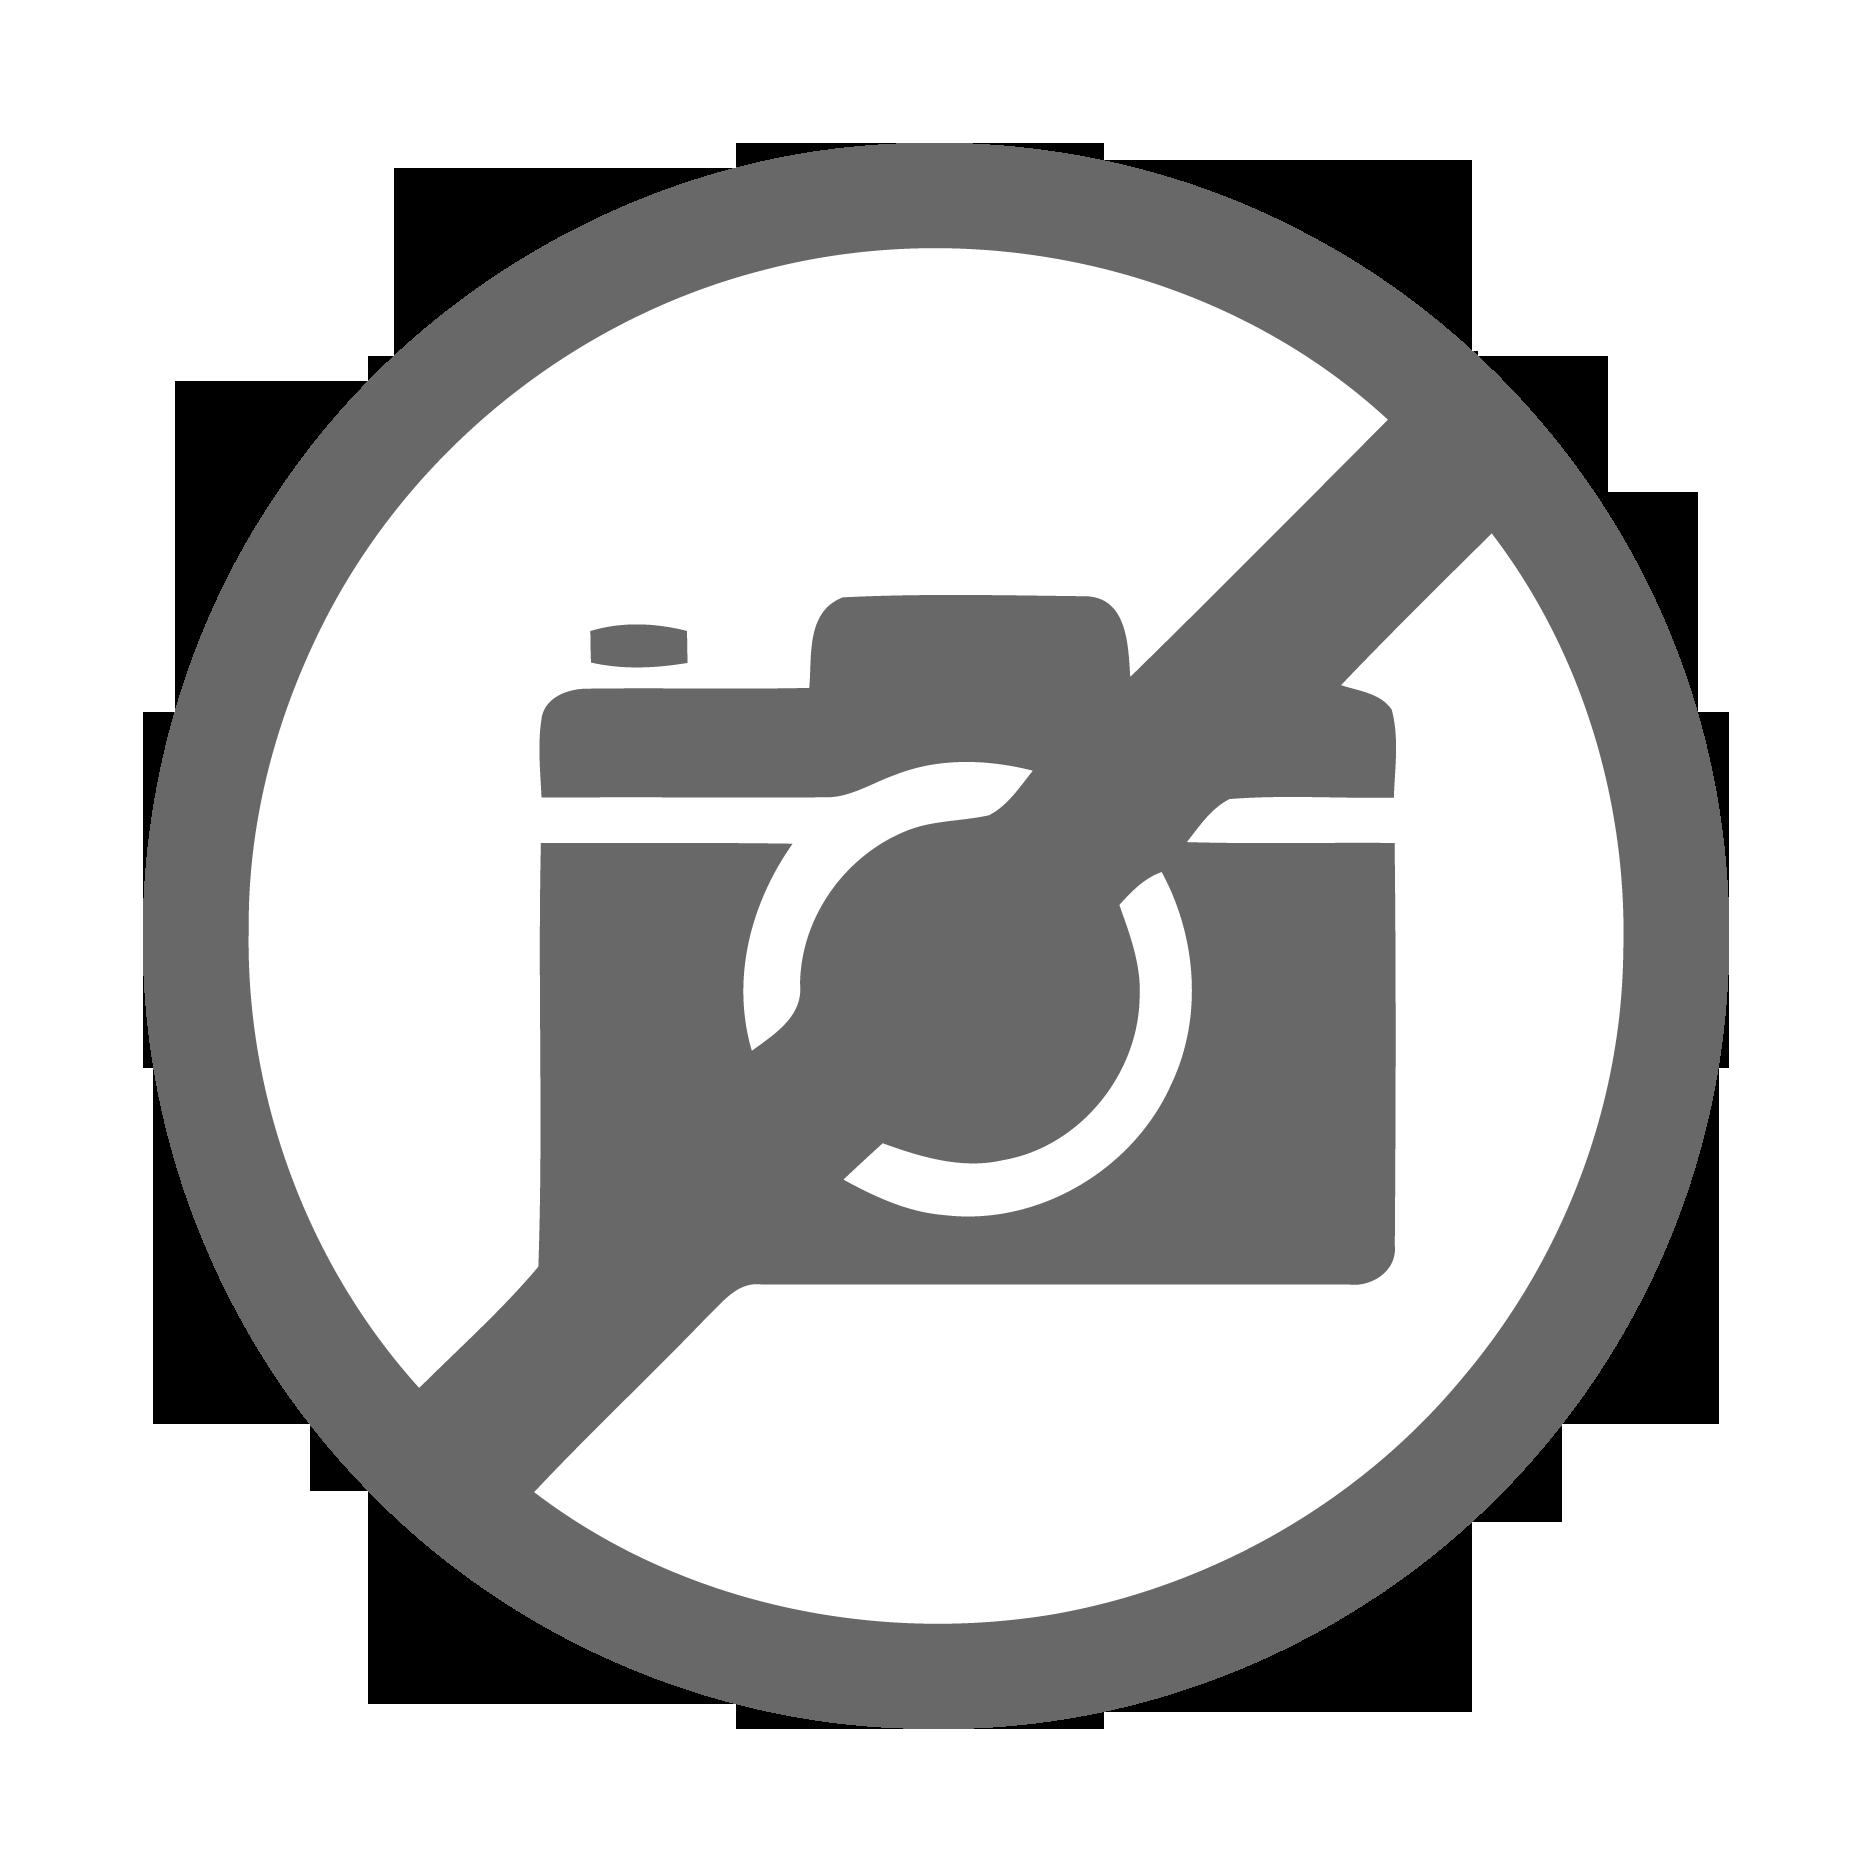 Grizz me